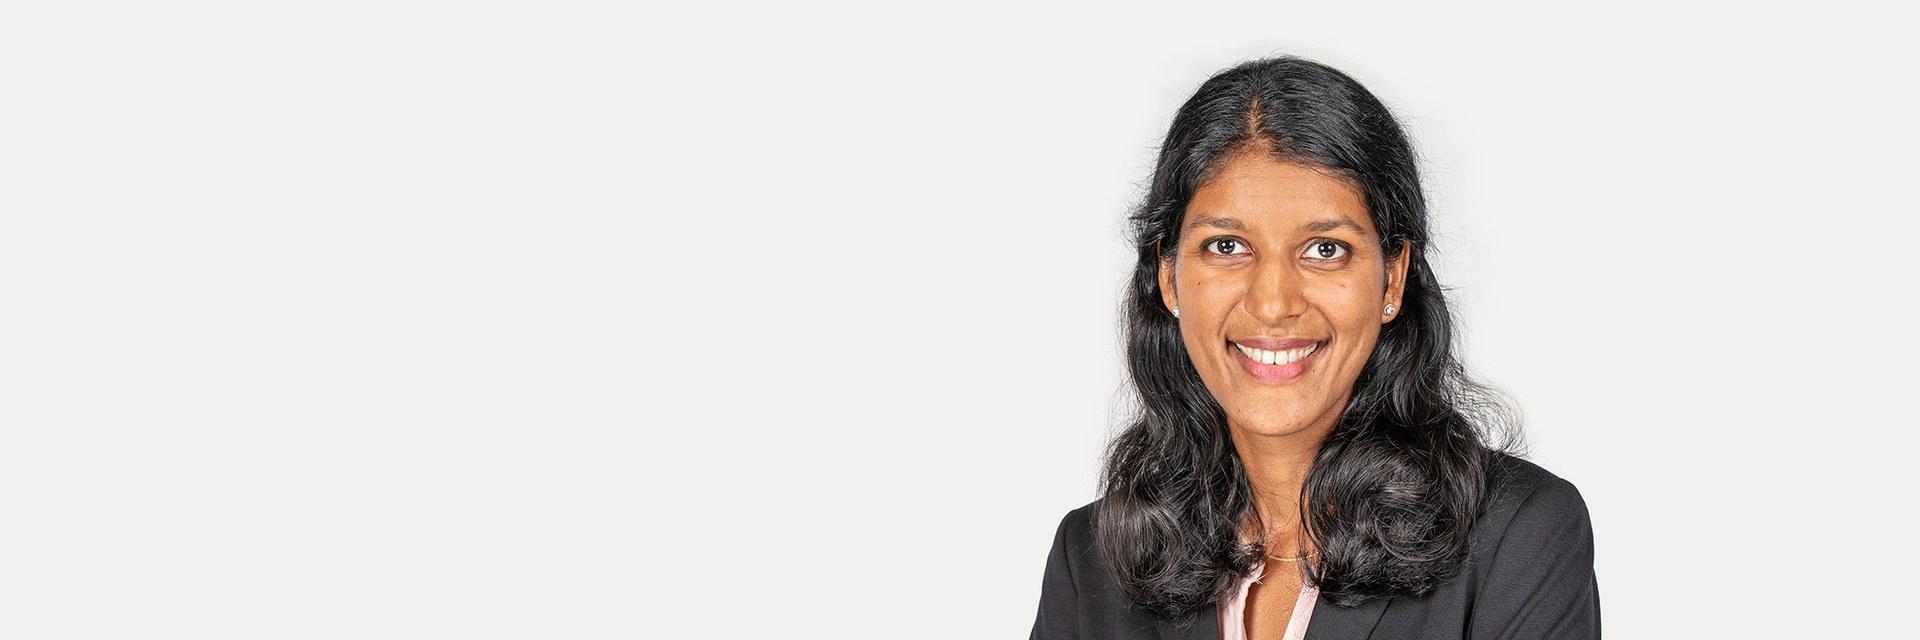 Sherin Panikulam